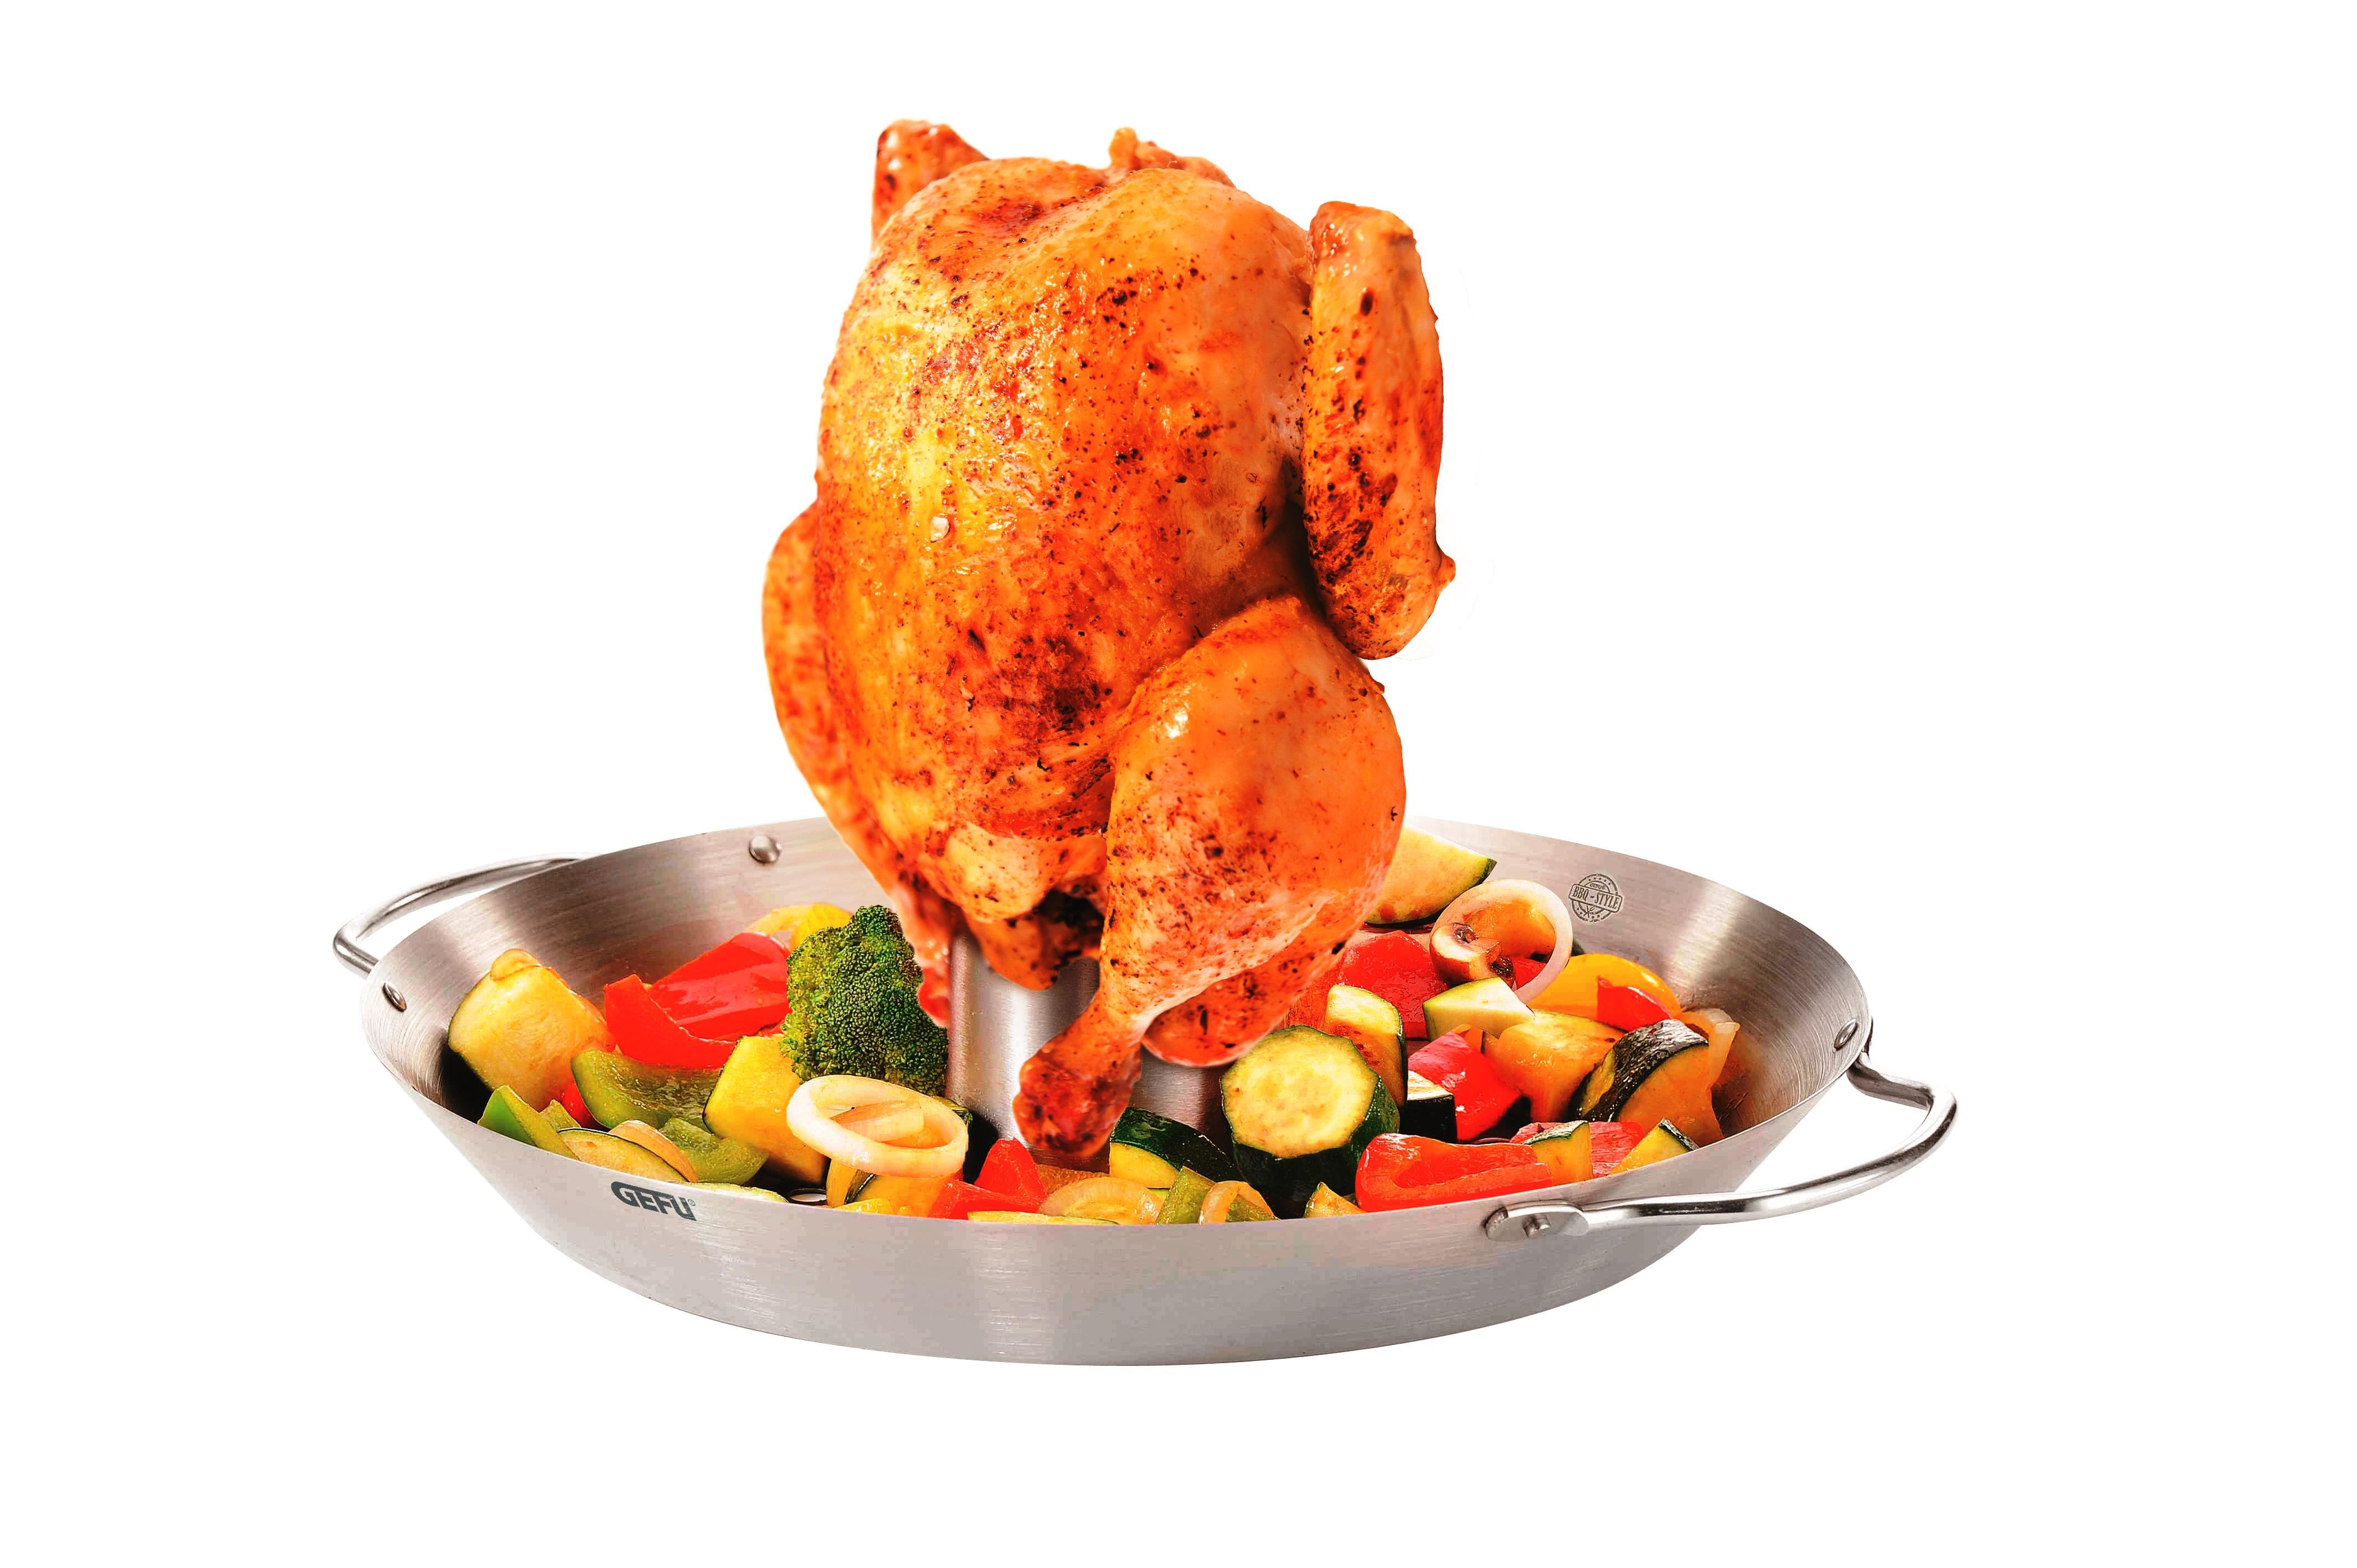 Онлайн каталог PROMENU: набор жаровня для курицы и вок для барбекю, 2 пр                                  GEFU 89156